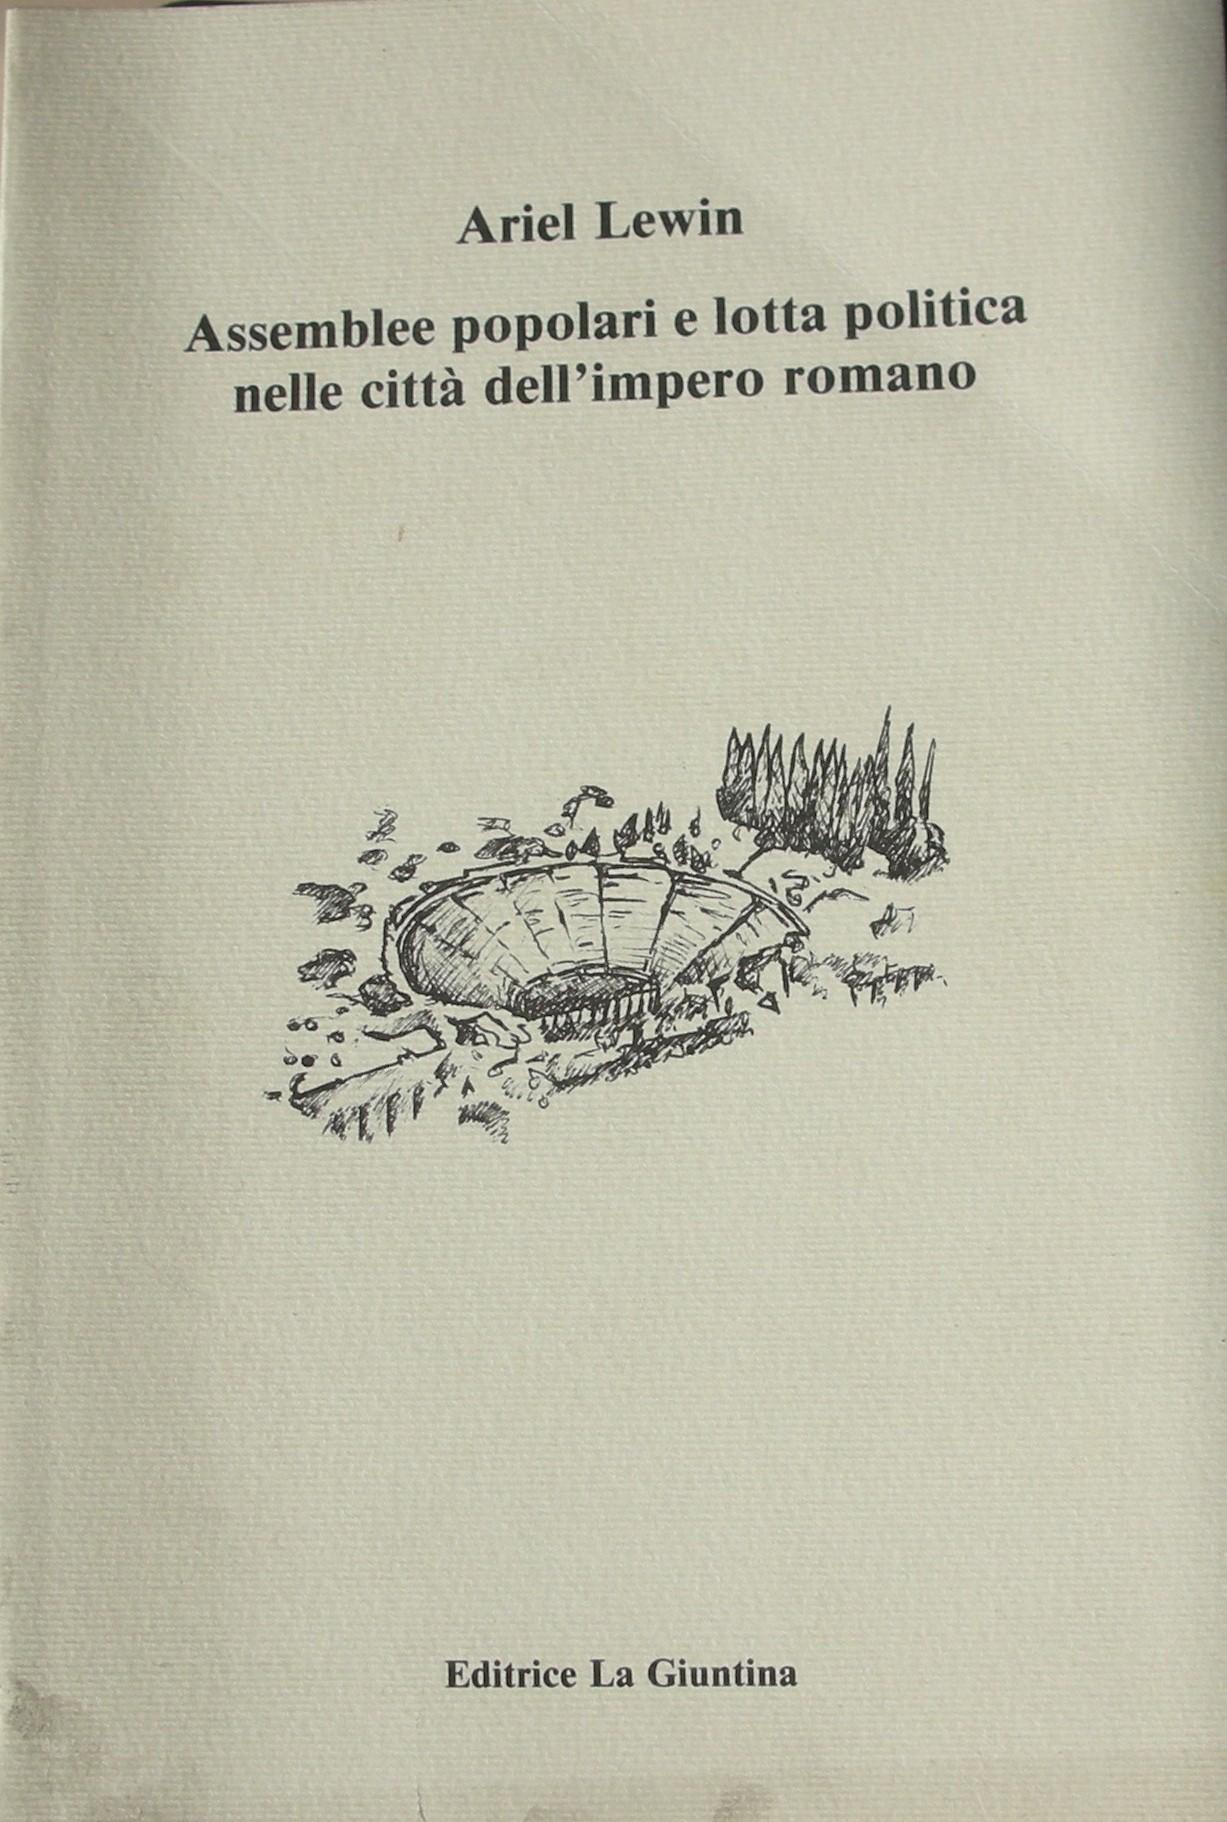 Assemblee popolari e lotta politica nelle città dell'impero romano